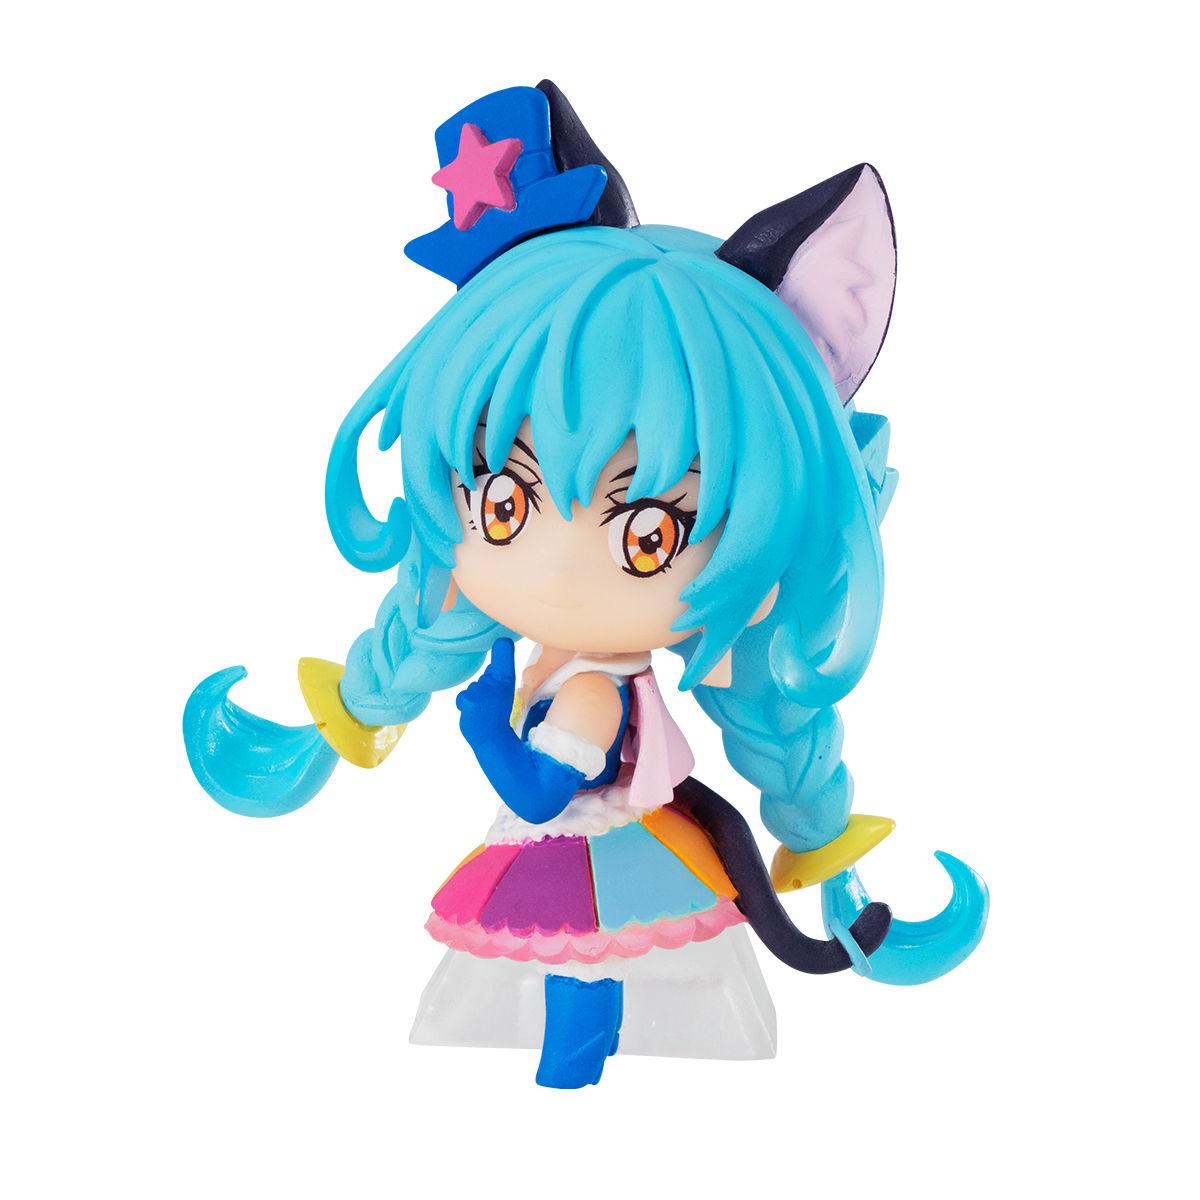 【限定販売】スター☆トゥインクルプリキュア『メモリアルマスコット』フィギュア セット-005